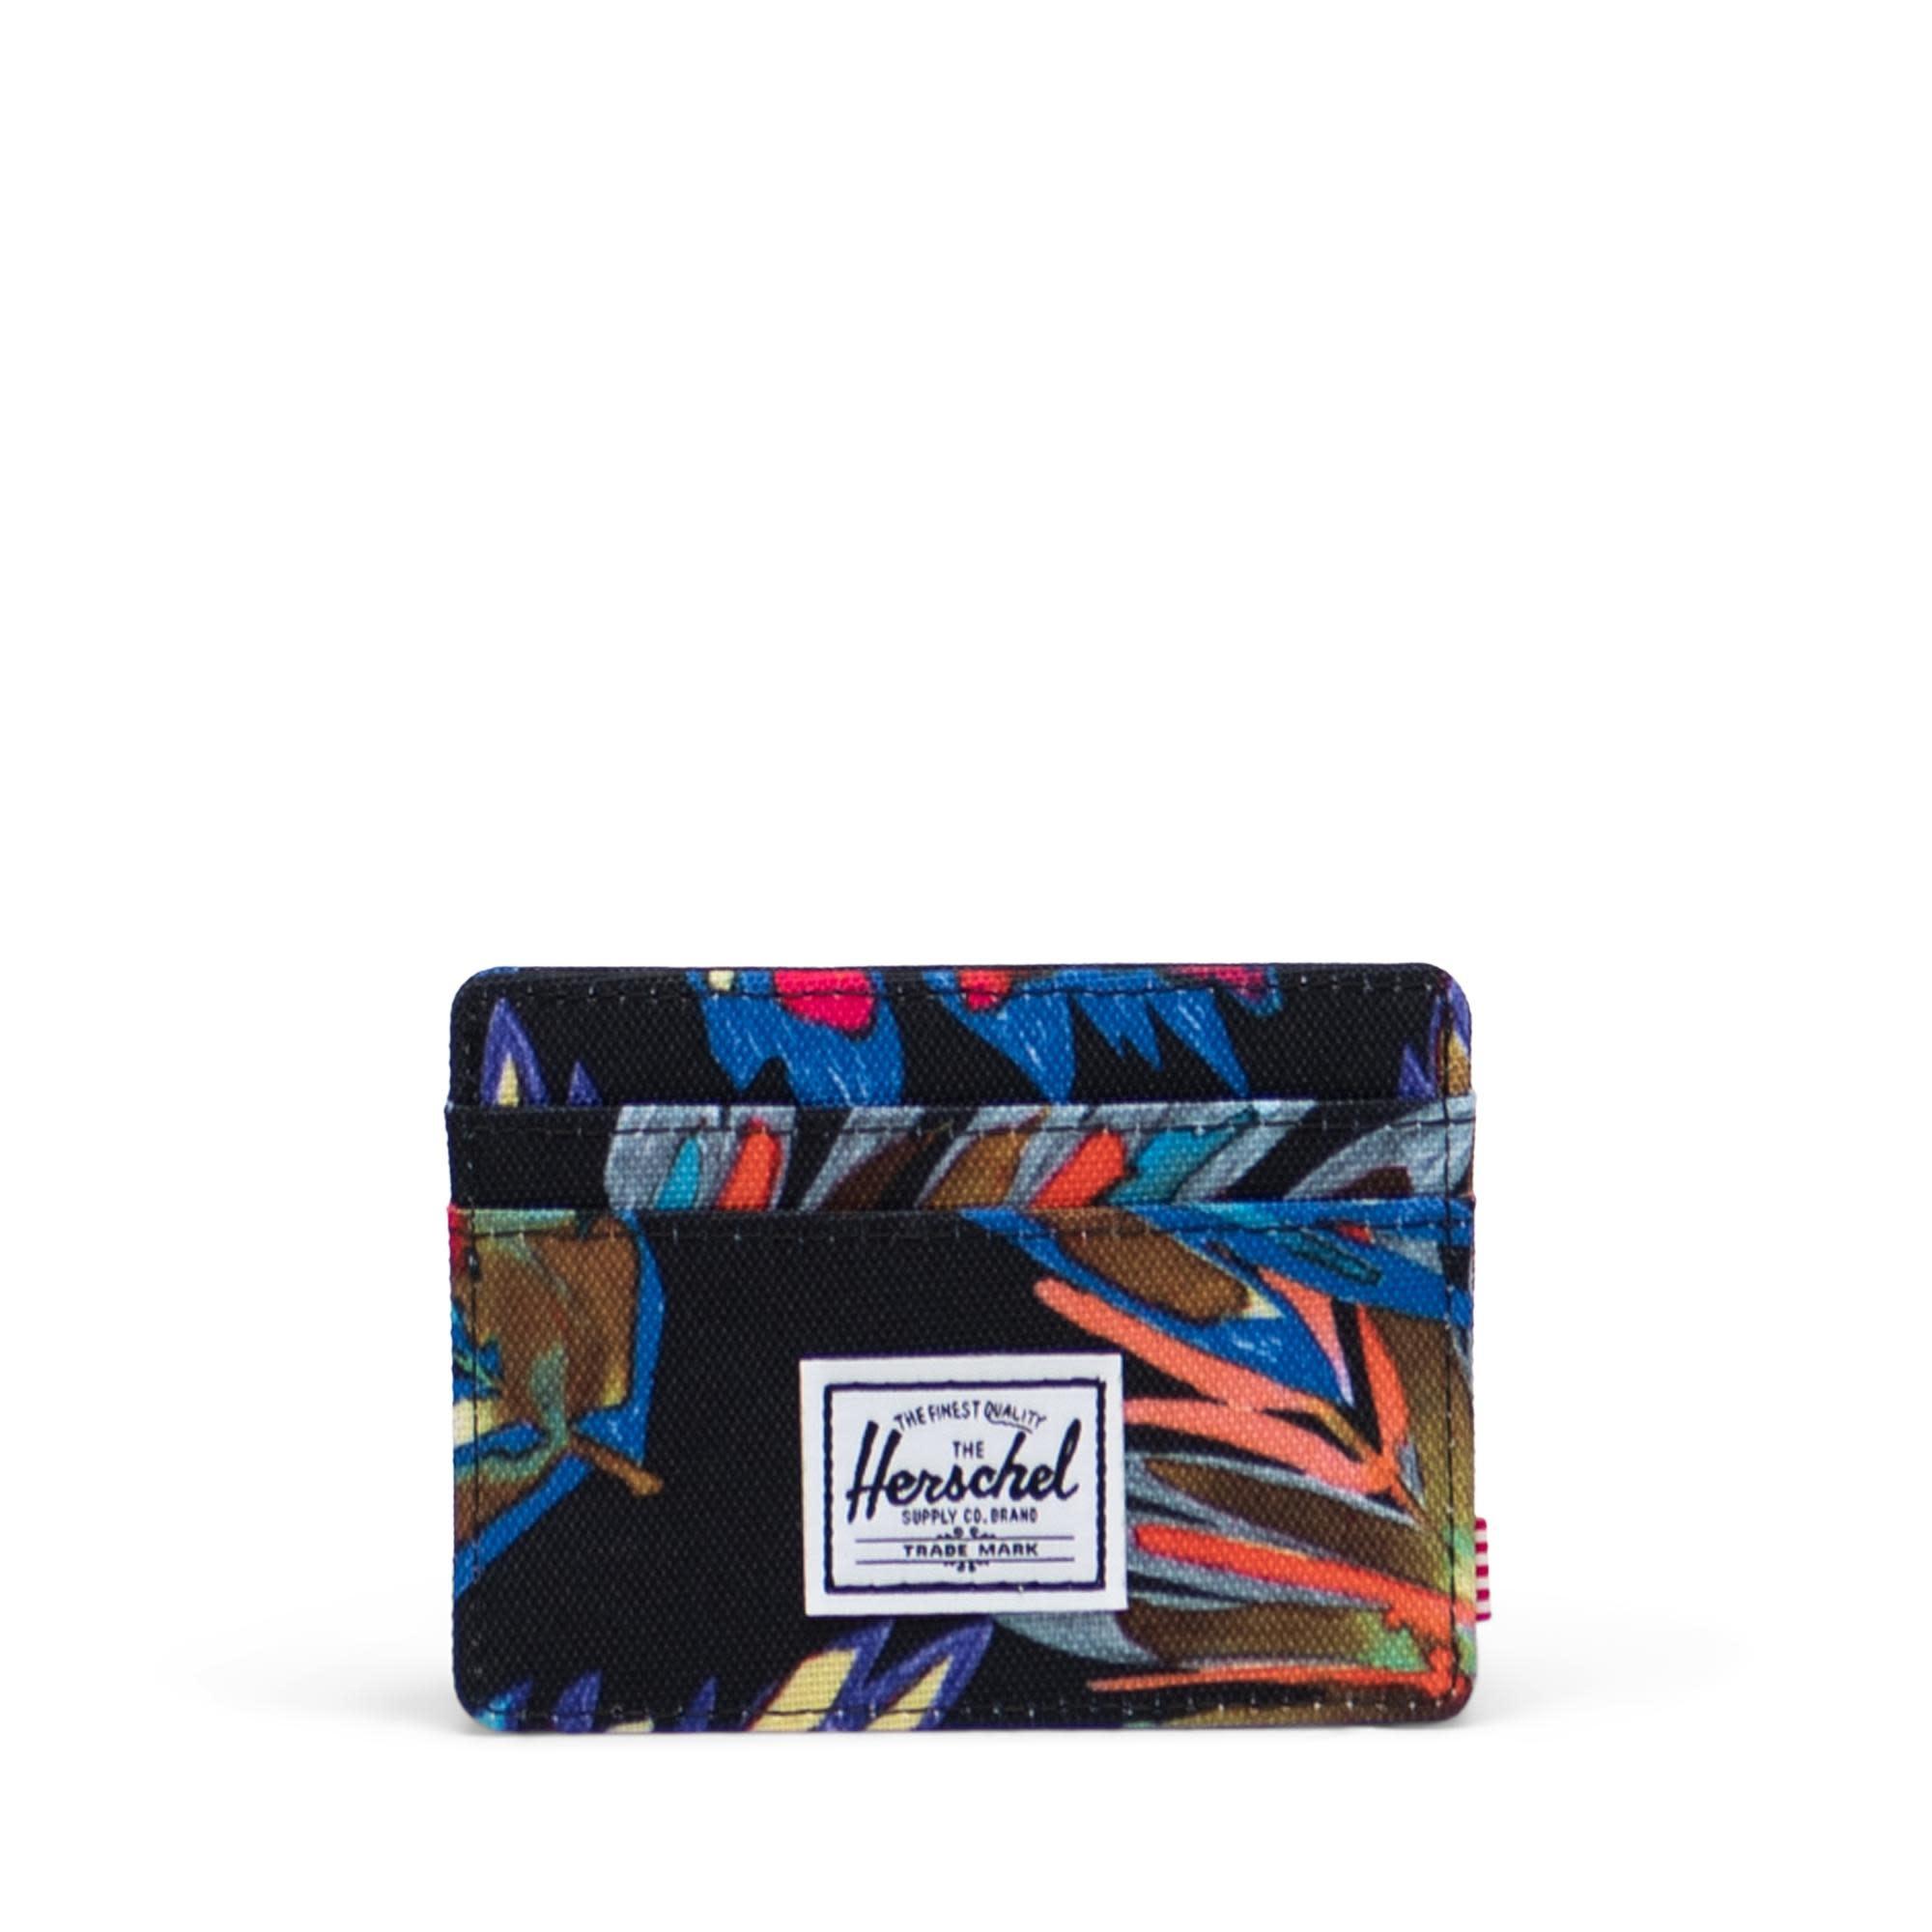 Herschel Supply Co. Herschel Charlie Wallet - Painted Palm